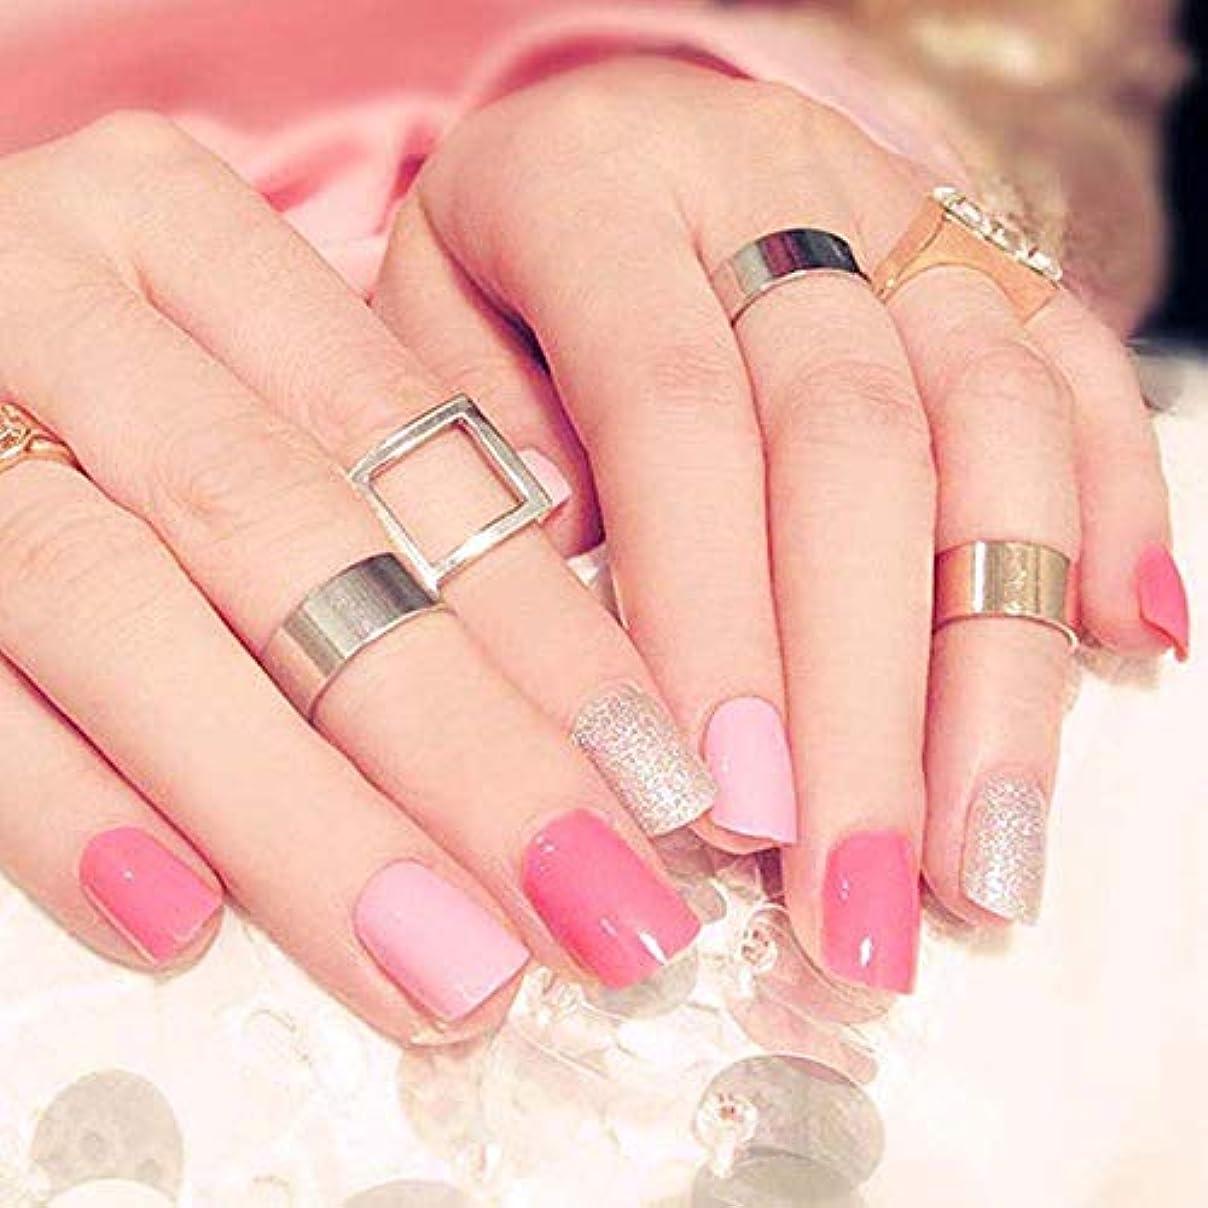 会計許可アレキサンダーグラハムベルXUTXZKA 24ピースピンク色偽爪女性きらめきグリッターネイルアートのヒント短いサイズフルカバービルド爪